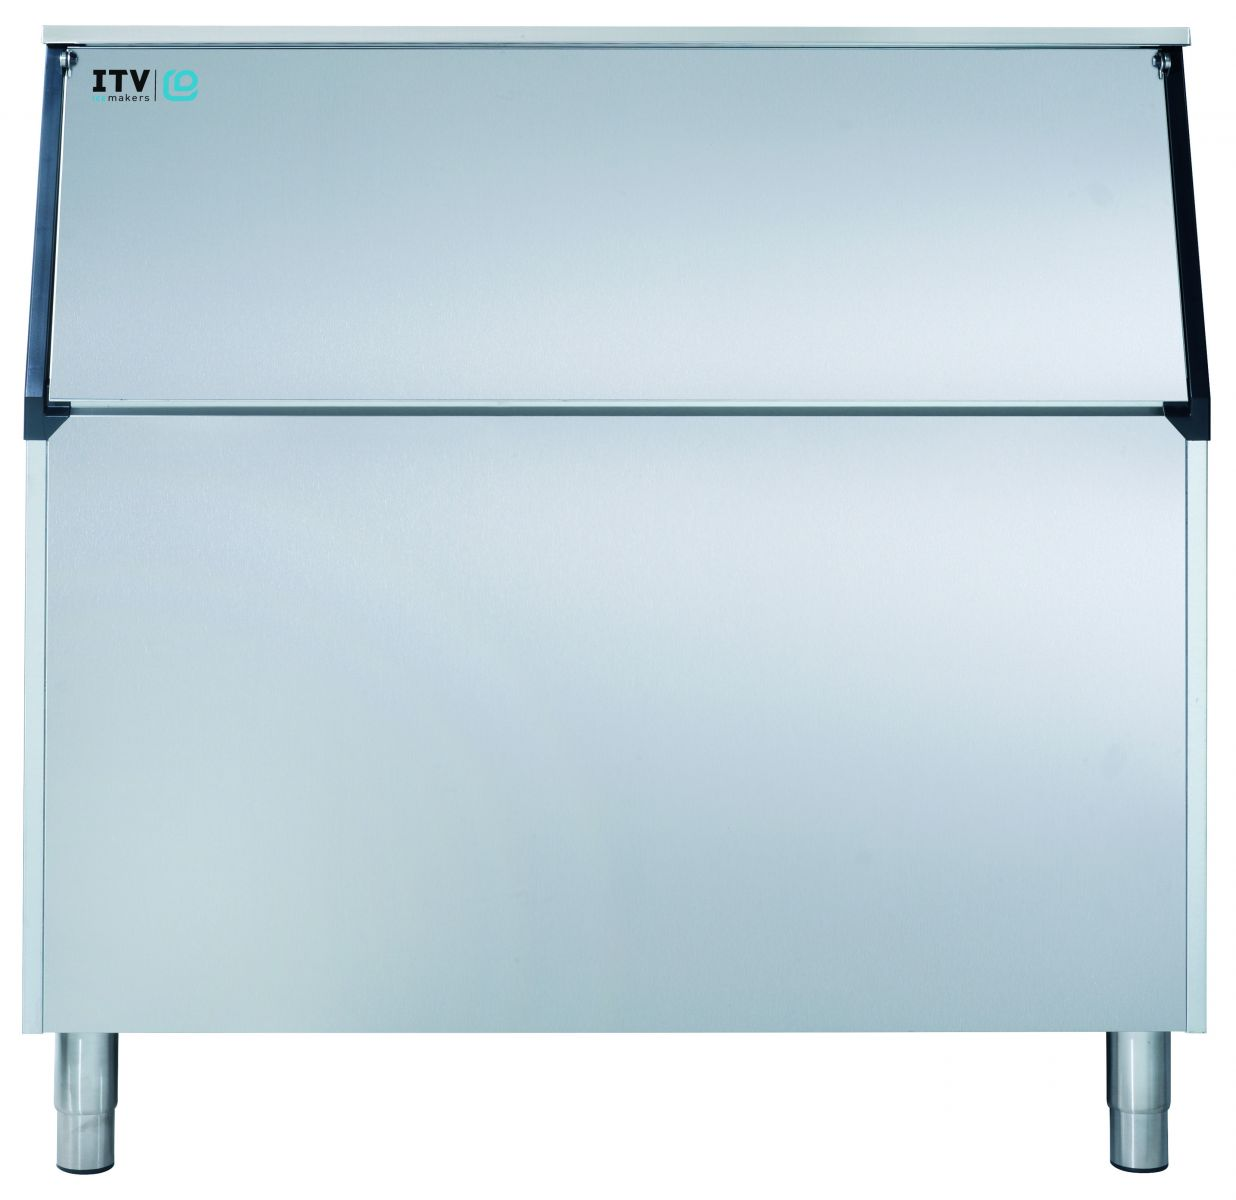 תא אחסון S500 למכונות קרח ITV ספרד